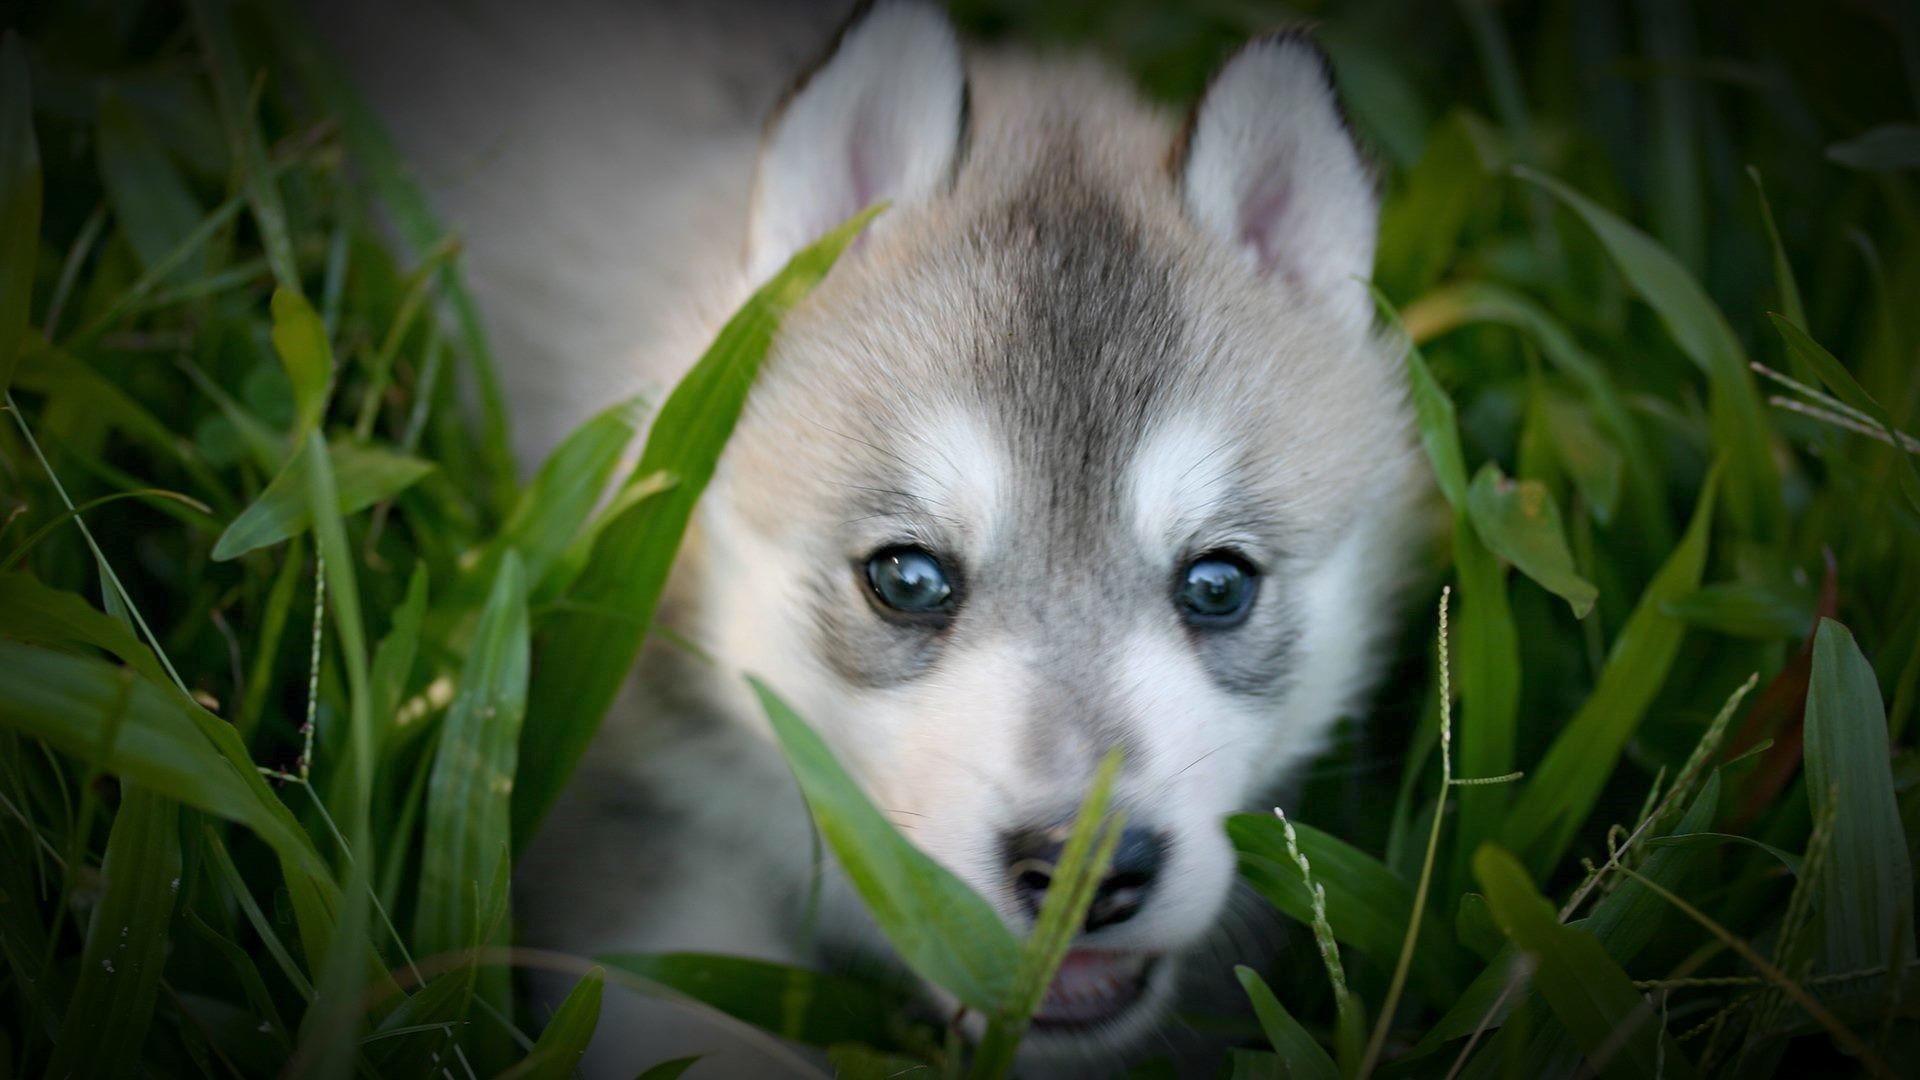 Cute Baby Wolf Wallpaper – WallpaperSafari